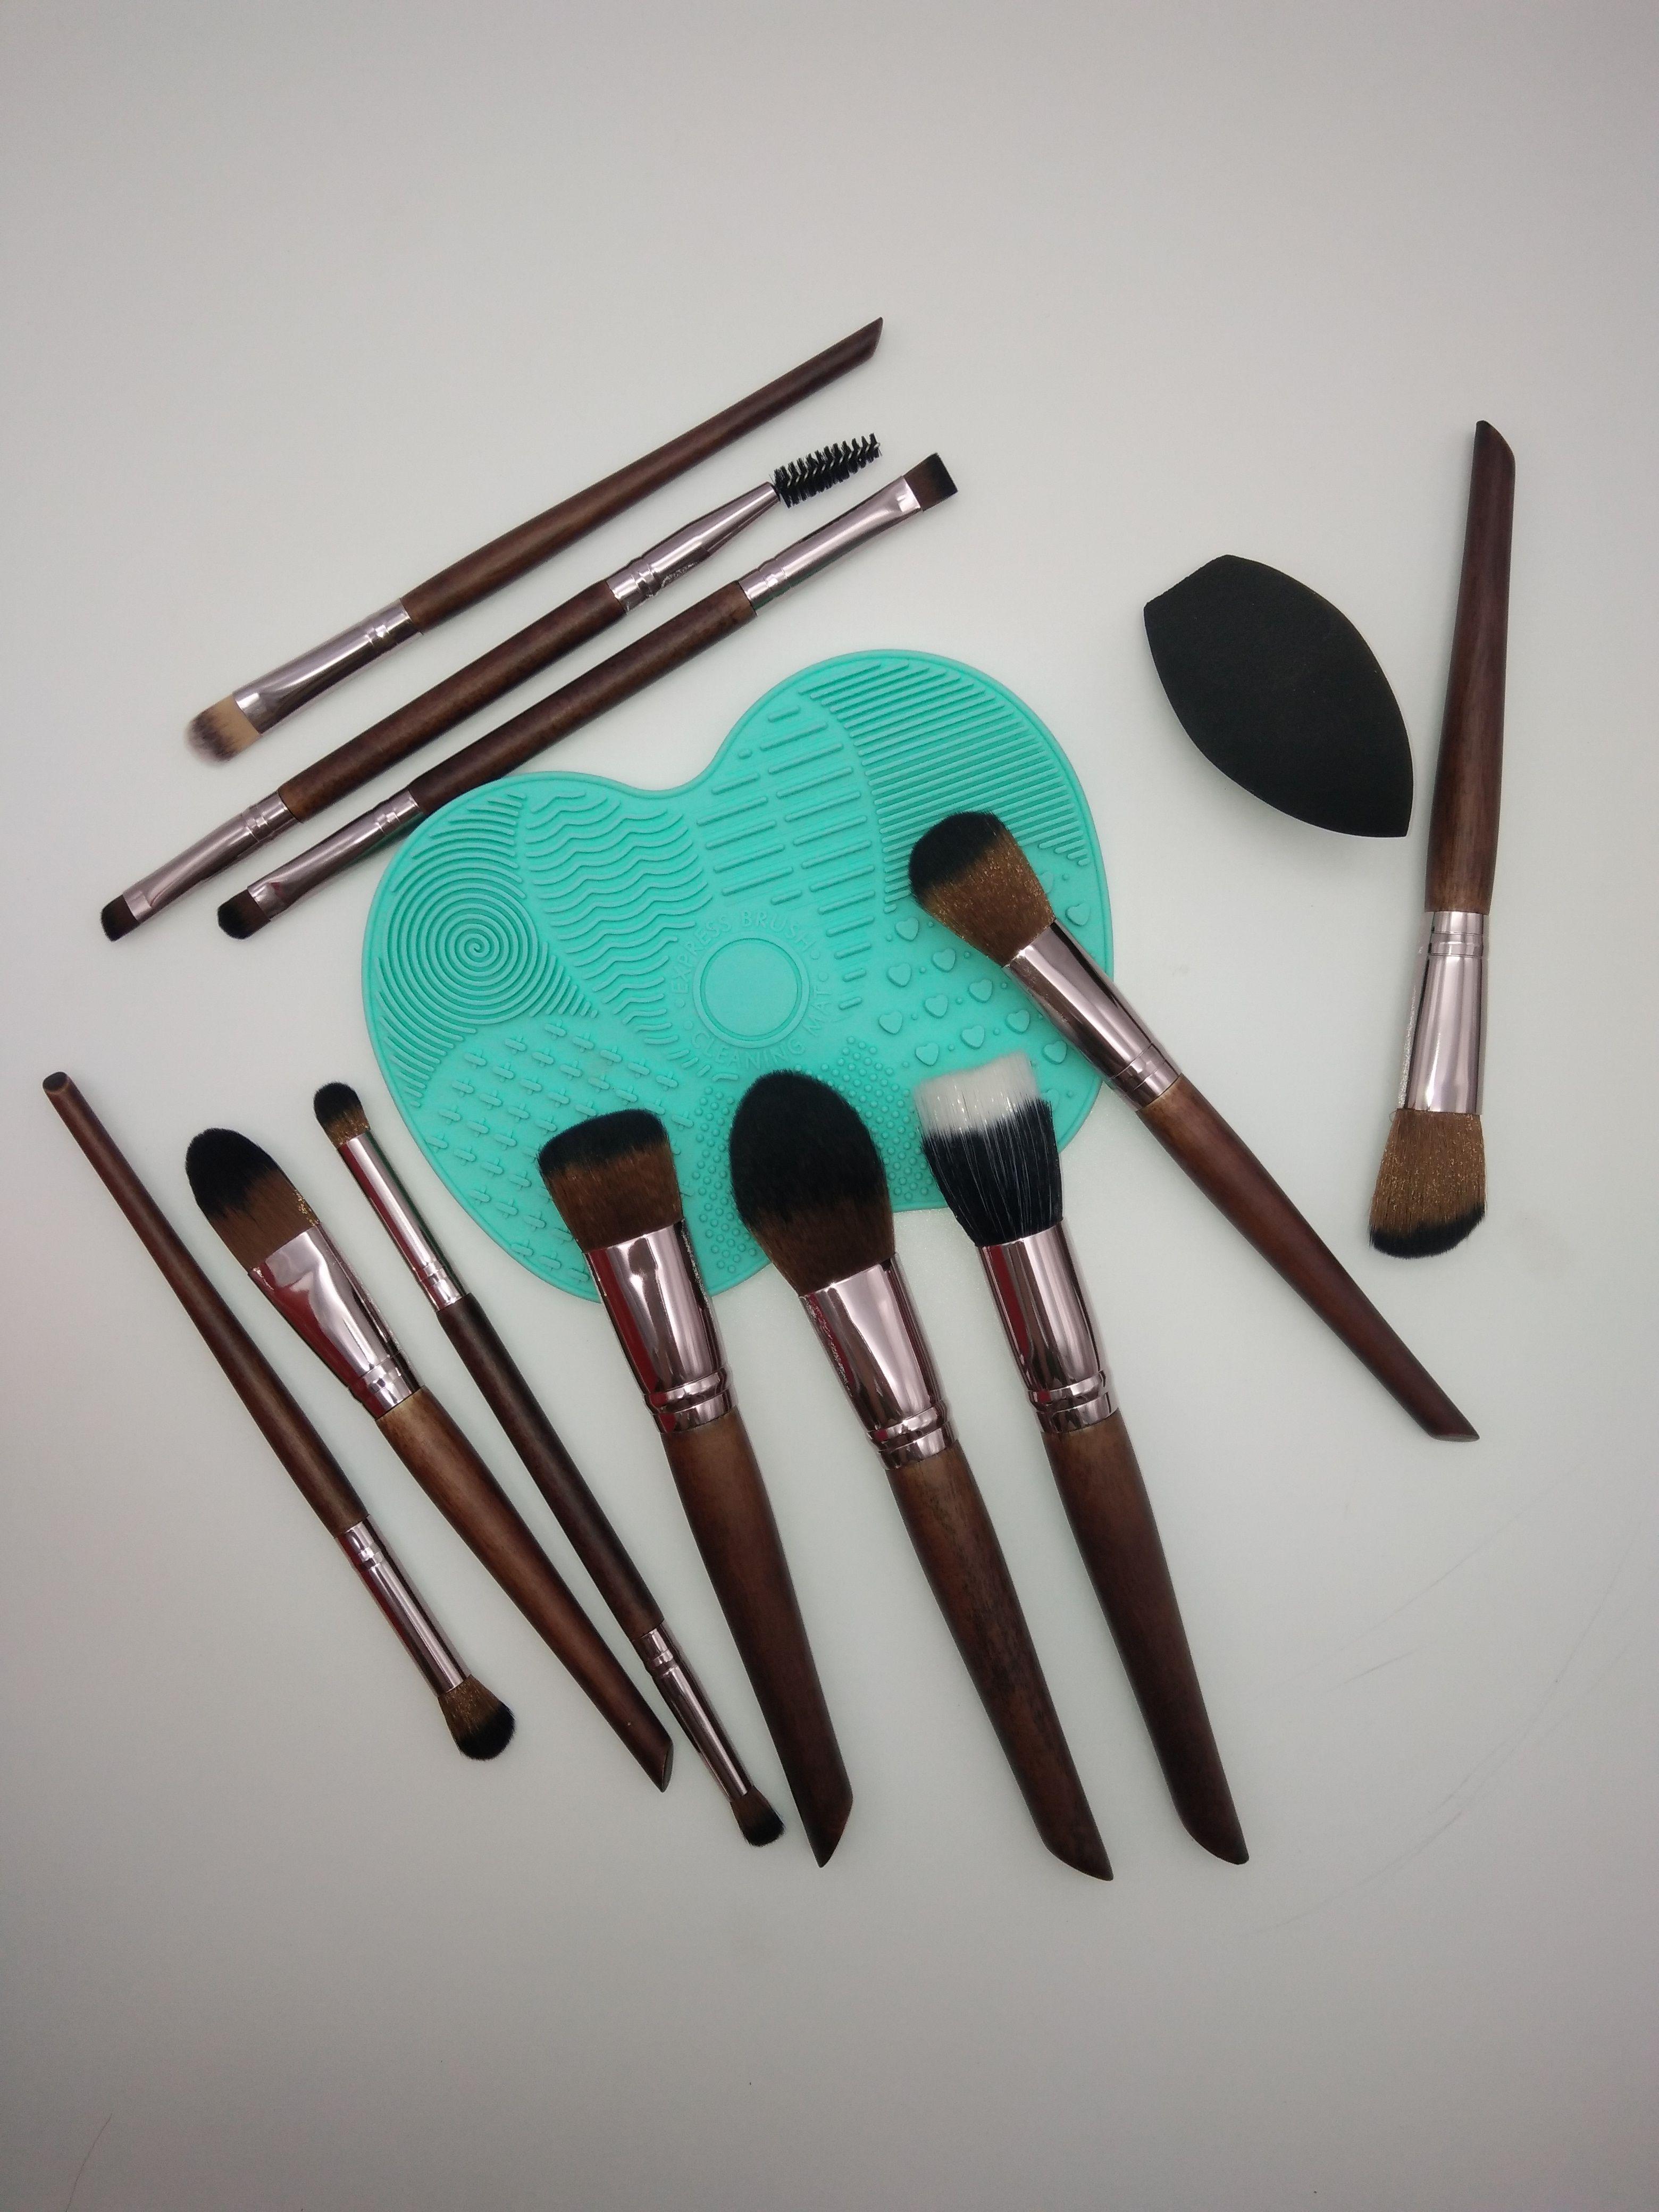 Soft hair makeup brushes set & cleaning pad/mat & makeup